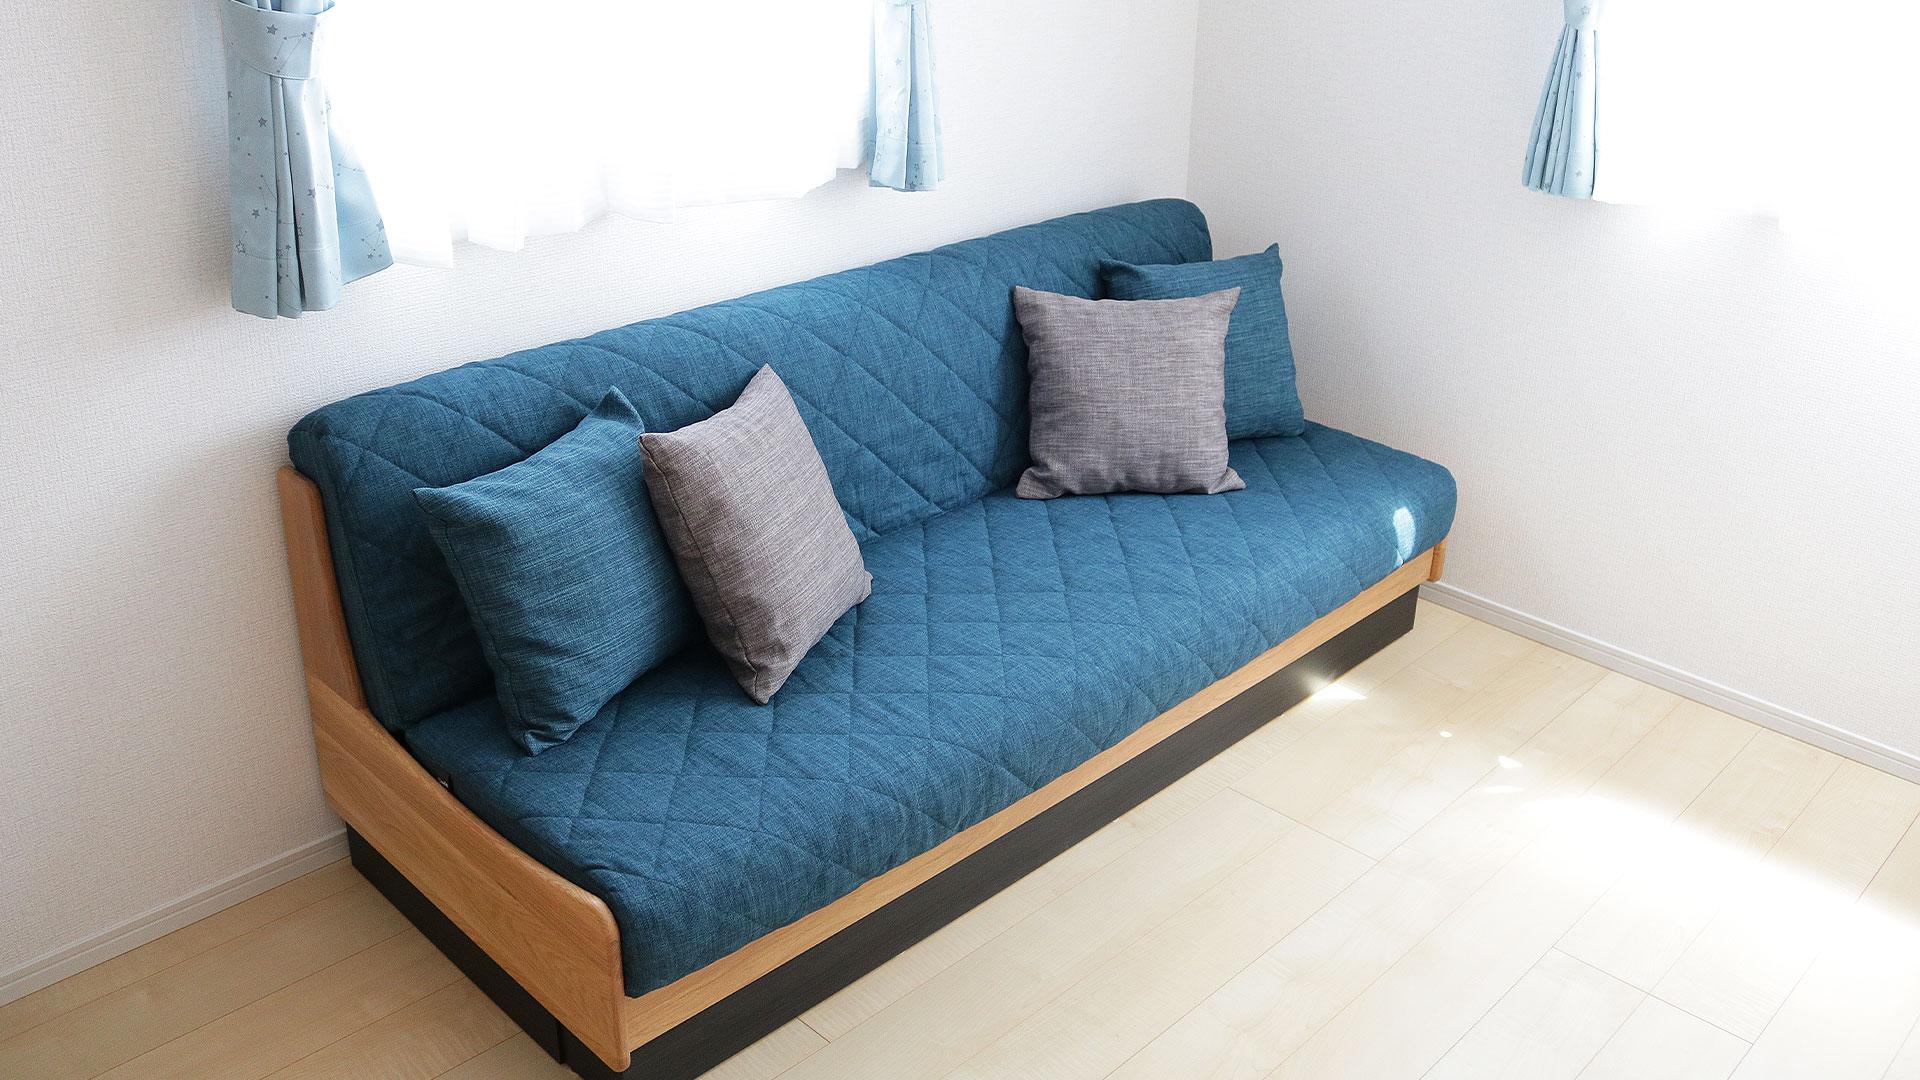 モーブルのごろ寝ソファードロシーブルー色